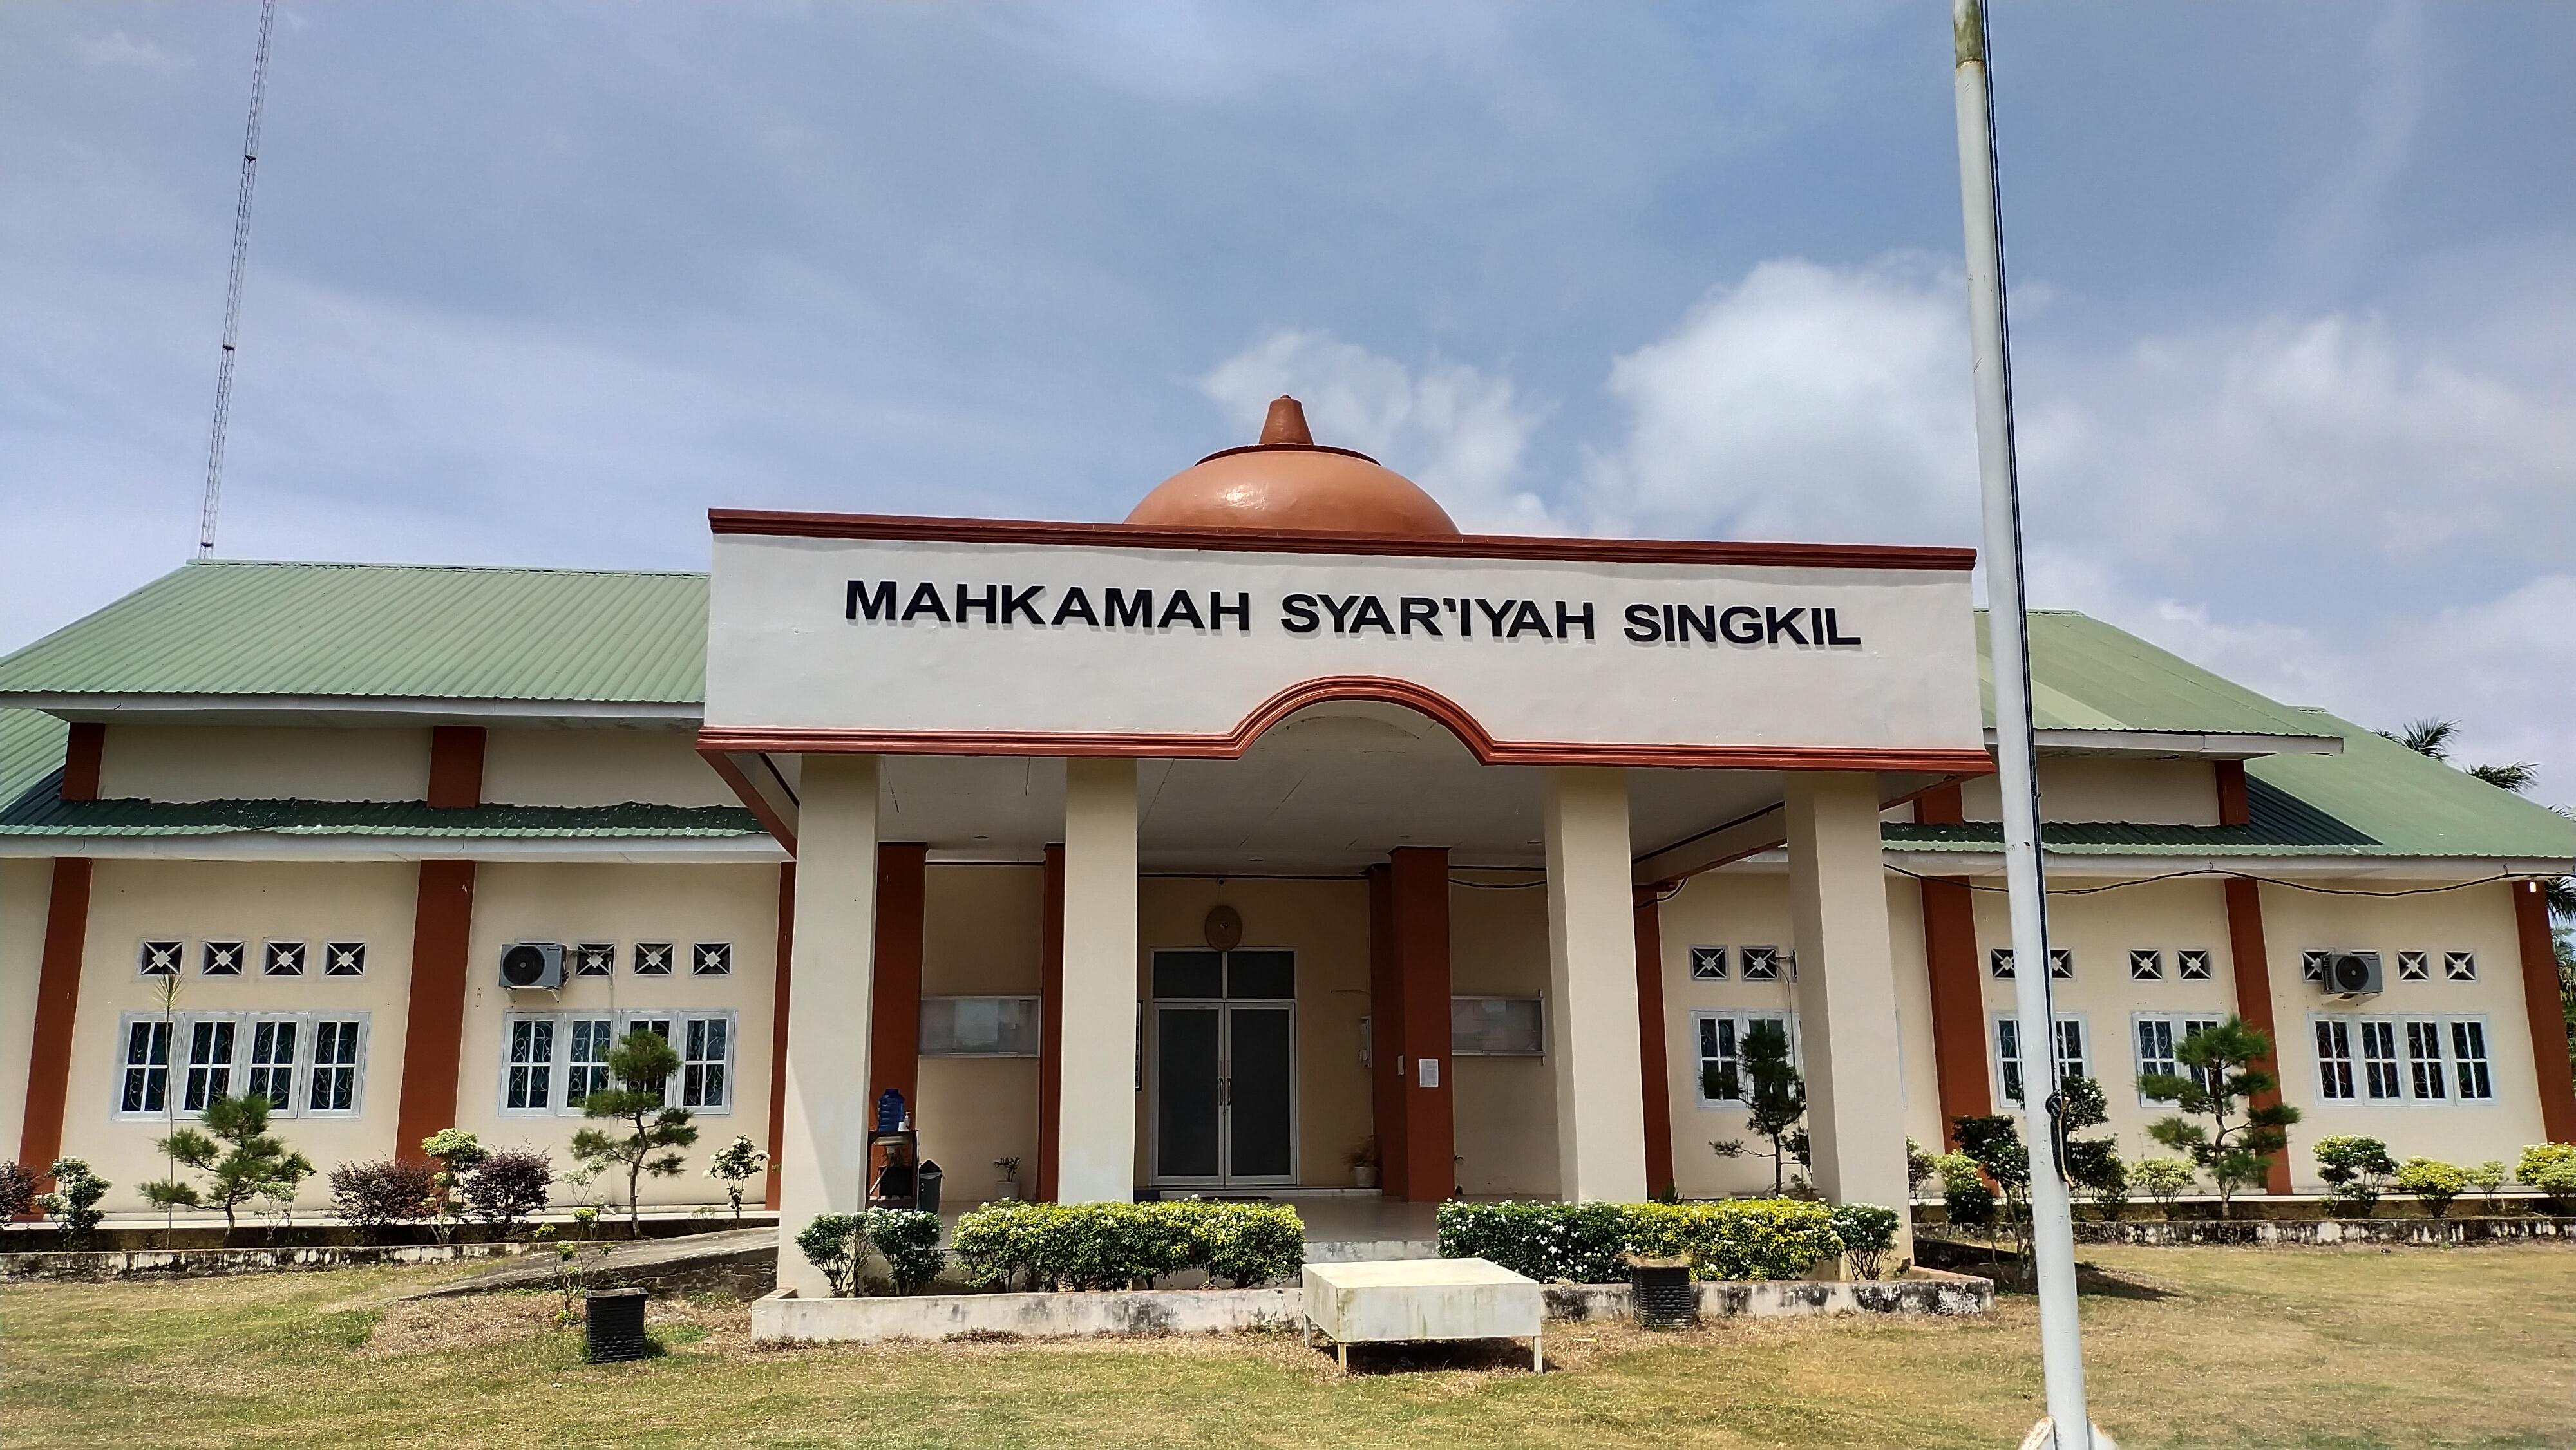 SELAMAT DATANG DI WEBSITE MAHKAMAH SYAR'IYAH SINGKIL